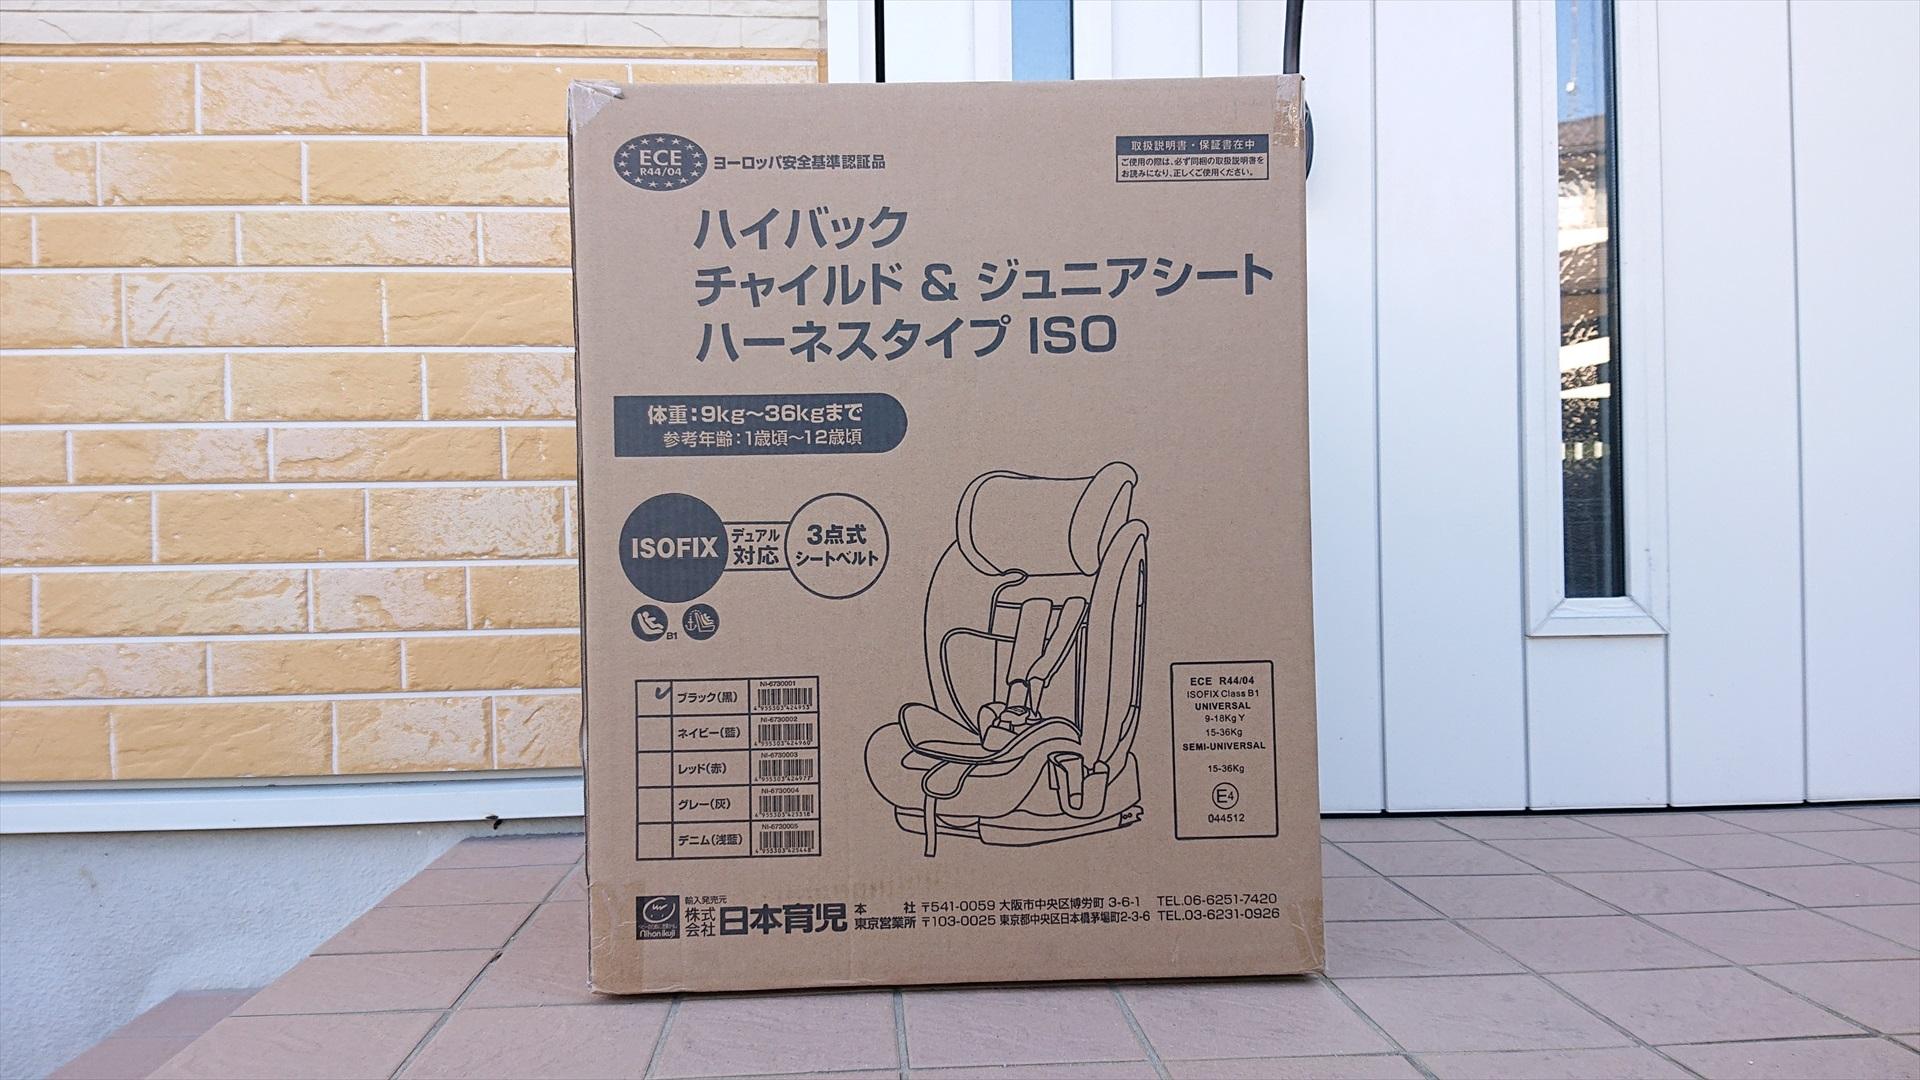 ハイバックチャイルドシート&ジュニアシートは思っていたよりは軽かったです。ちなみに重量は10.5kgです。